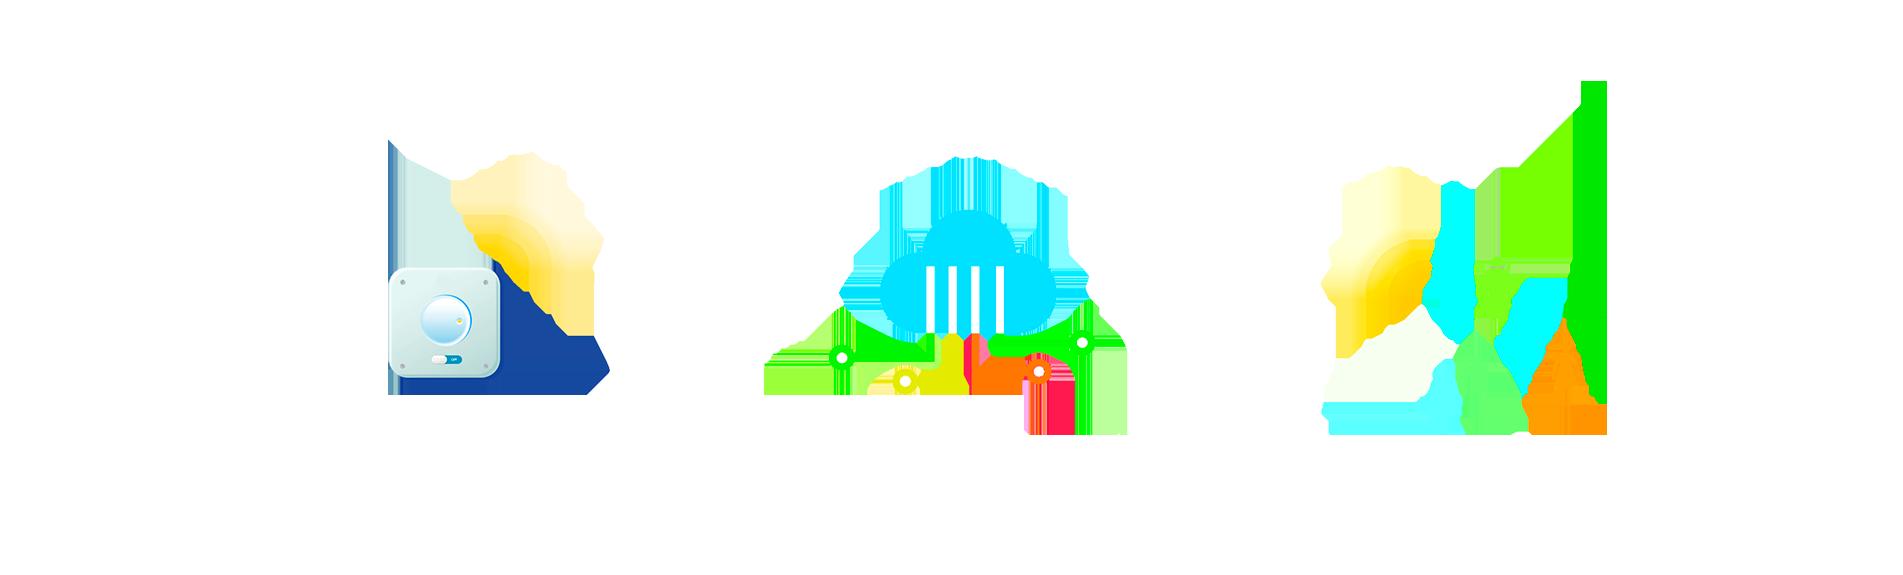 Soluciones Iot y m2m de Globtipper-Siemens. SIGFOX y Cloud